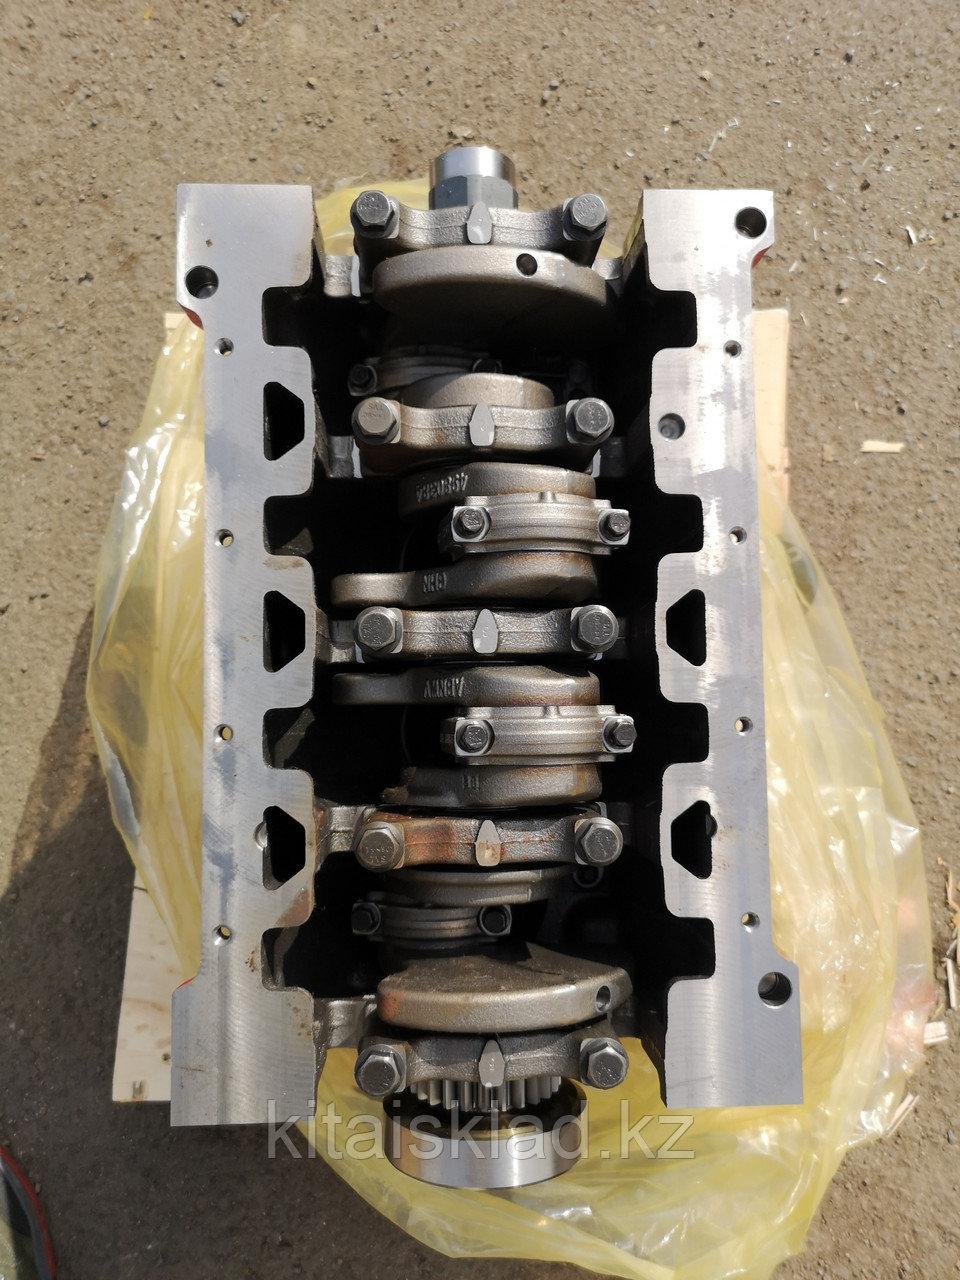 Блок двигателя ISF2.8 Cummins третьей комплектации 5334639